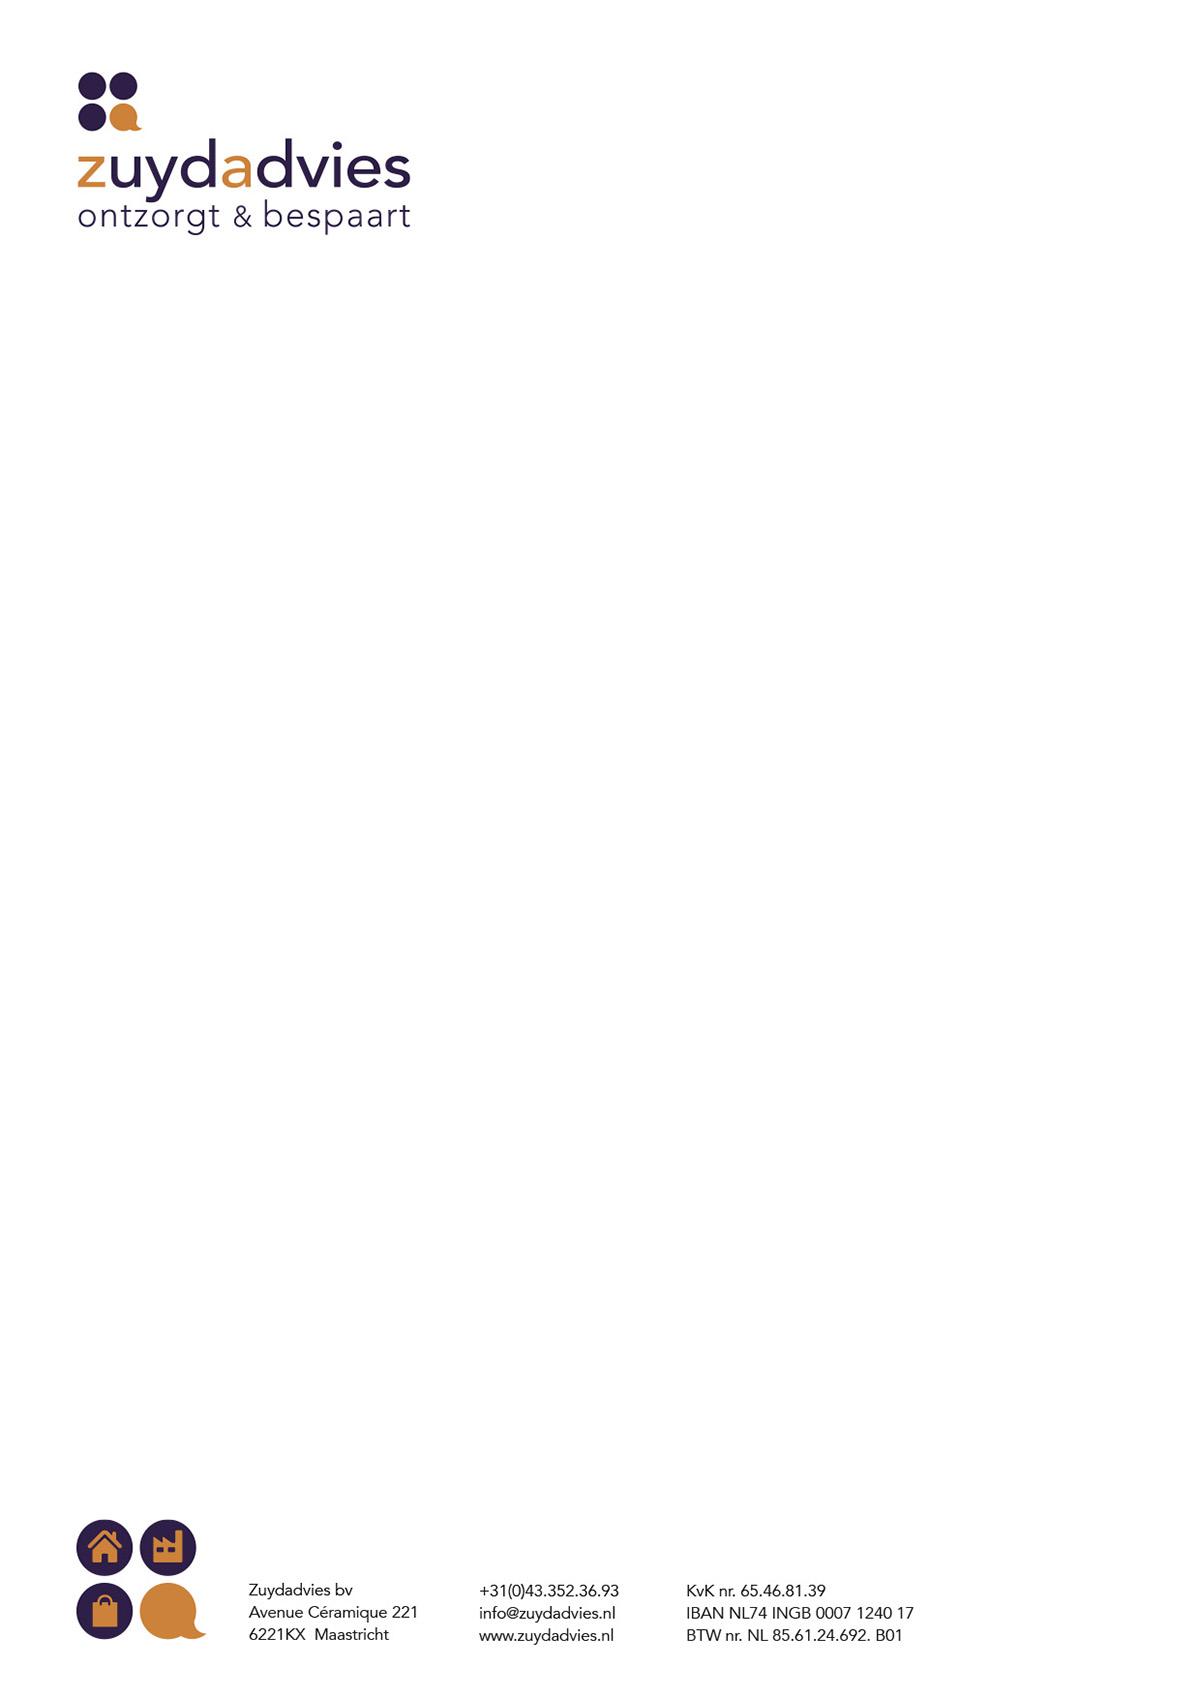 zuydadvies zuydadvies maastricht lidia janevski ontwerp logo design zuydadvies